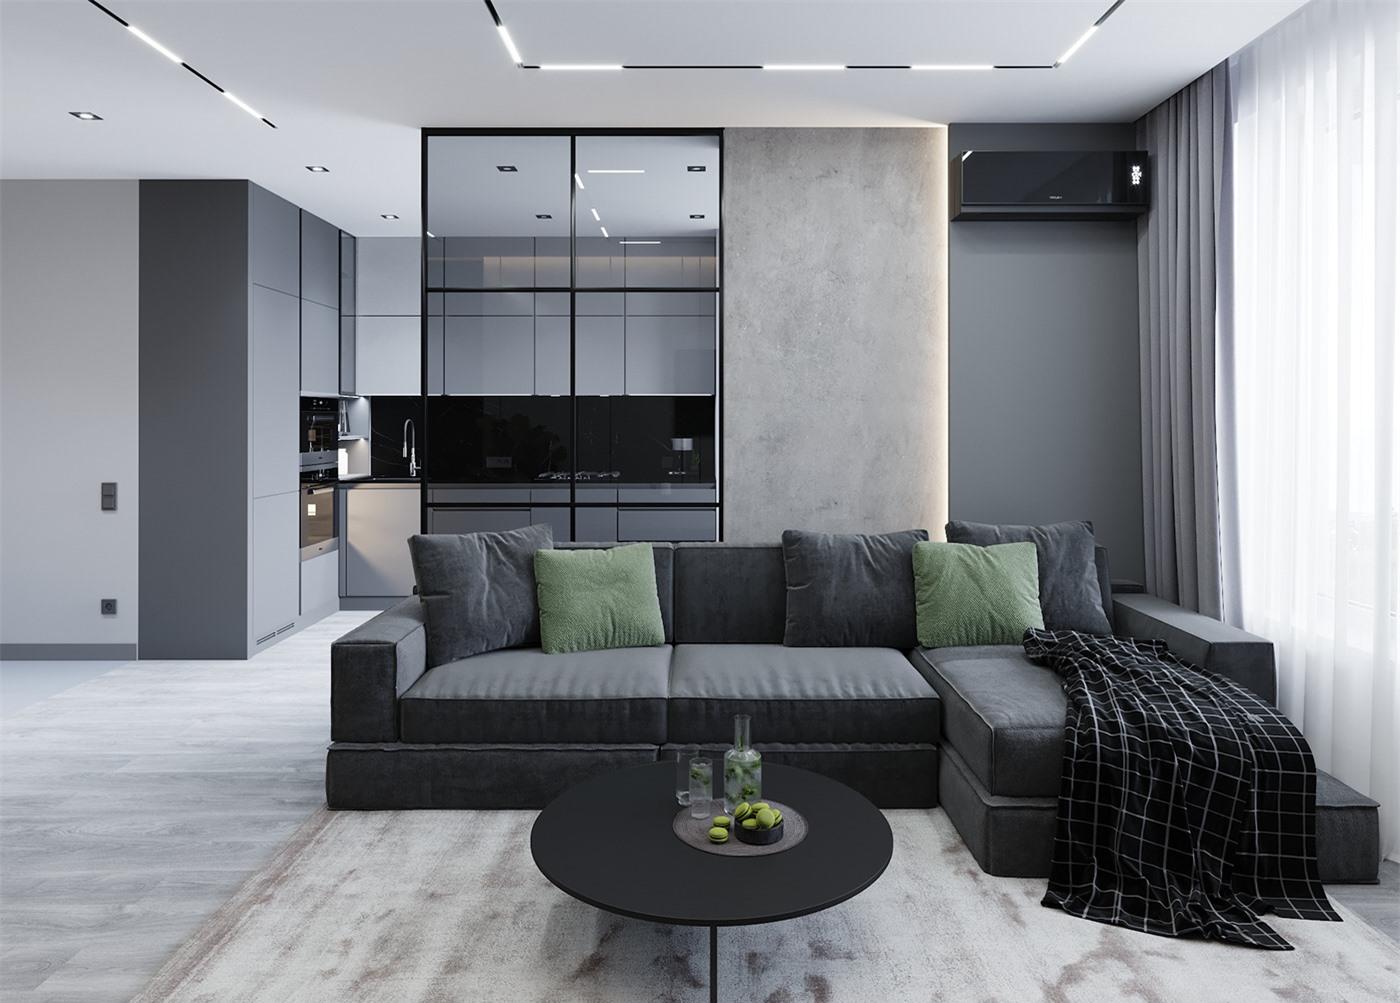 Kiến trúc sư tư vấn thiết kế nhà cấp 4 diện tích 100m² cho gia đình 3 thế hệ chi phí 237 triệu - Ảnh 3.